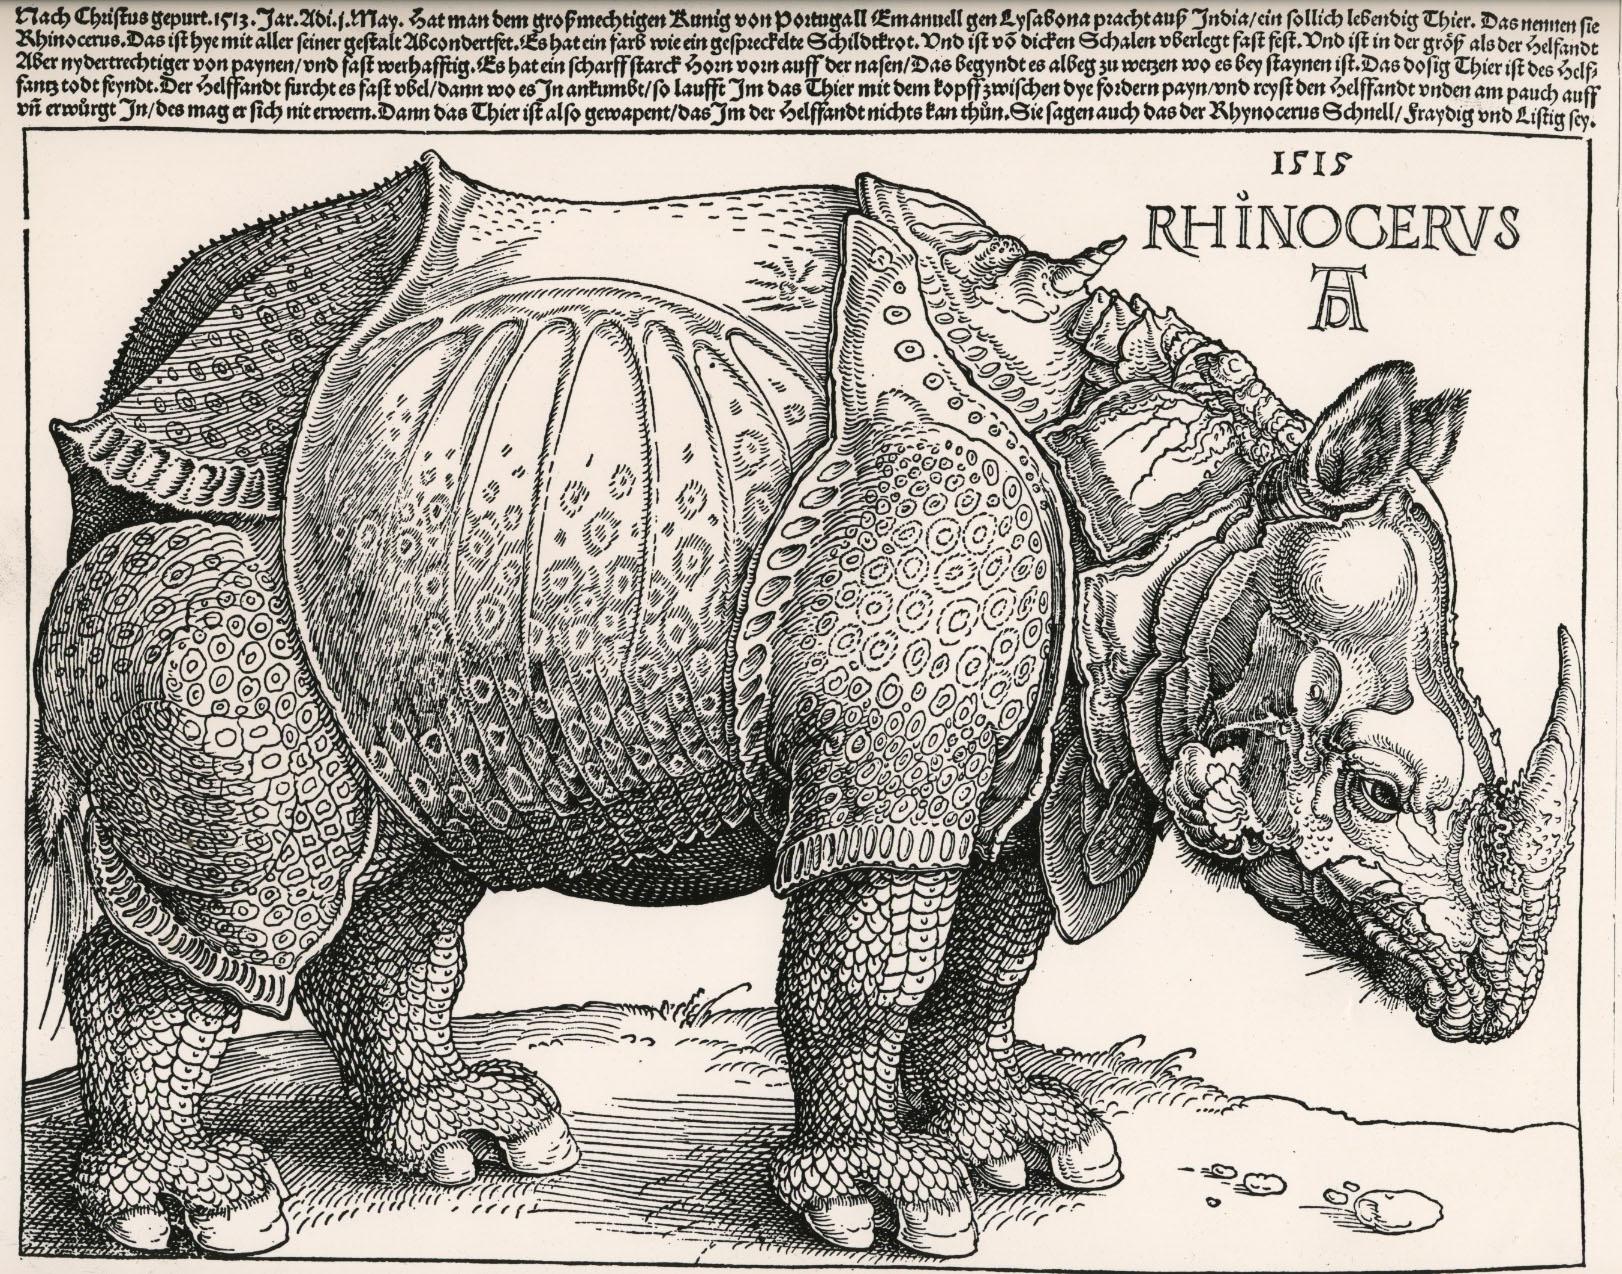 Drawn rhino durer rhino IUCN Entry Rhinoceros · Edited